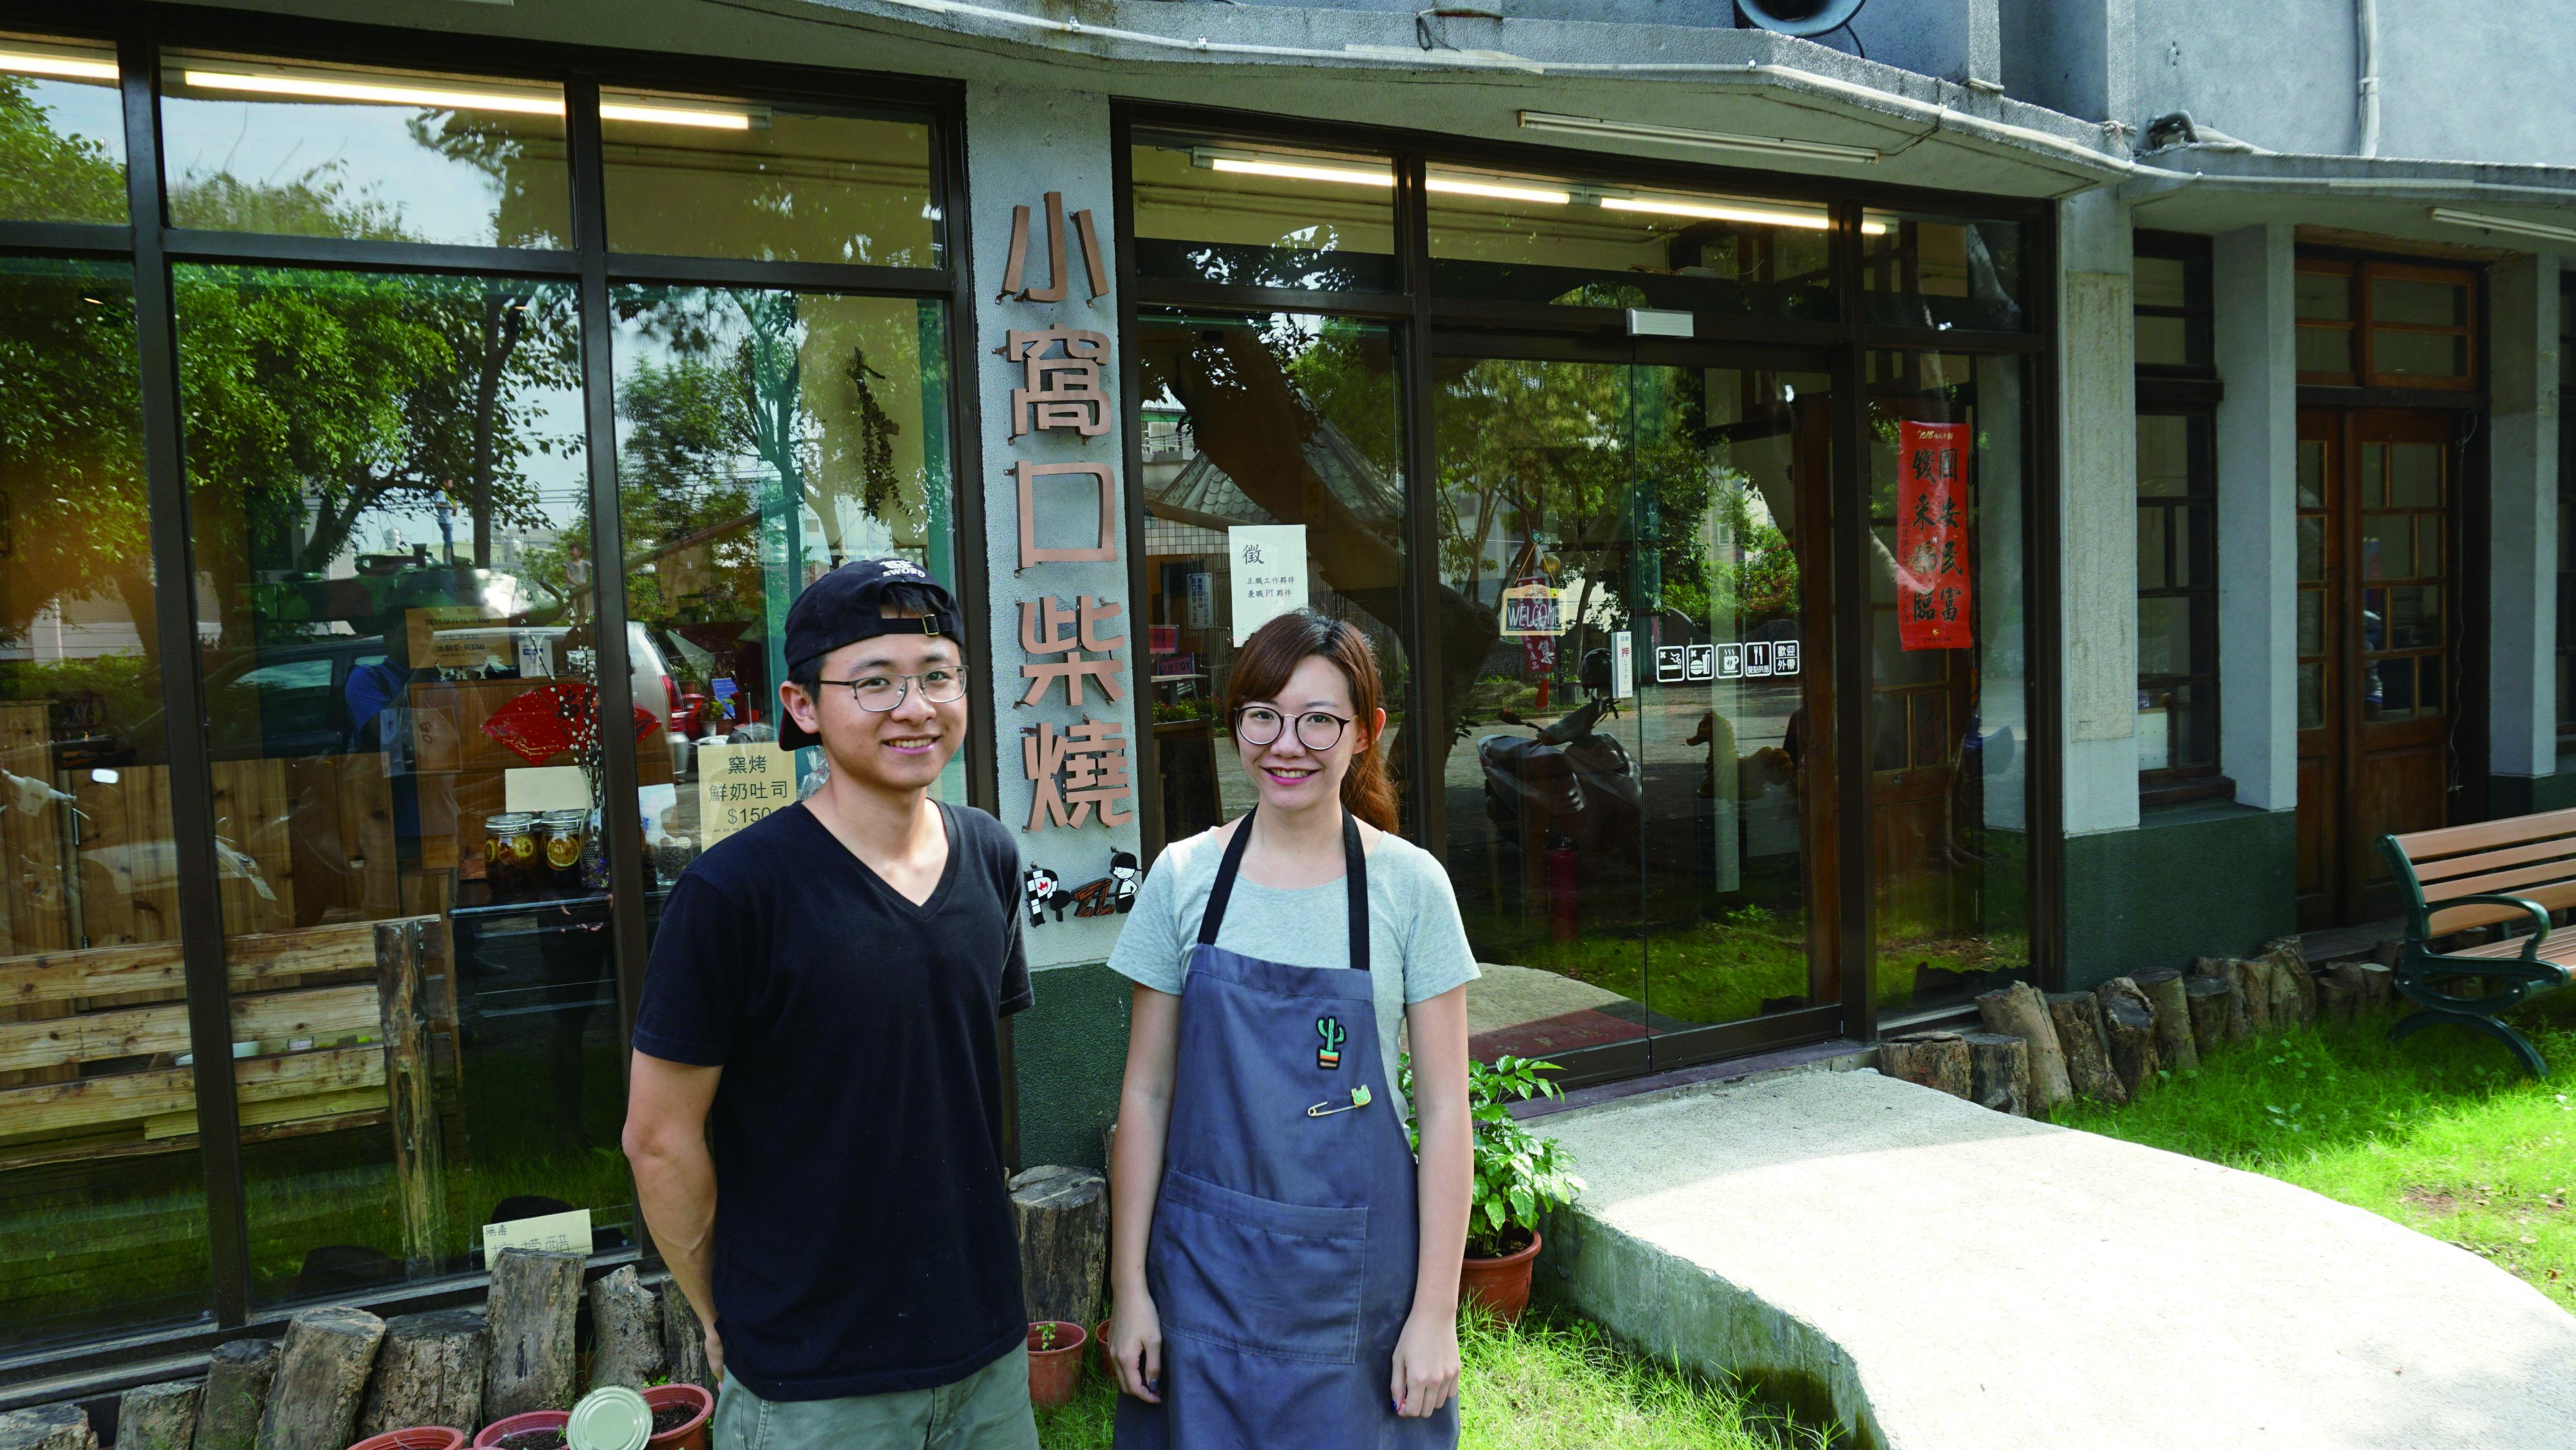 圖6 天主堂文化館裡,有一對年輕小夫妻以相思木窯烤的「小窩口柴燒Pizza」,結合了在地客庄及臺灣味。.JPG